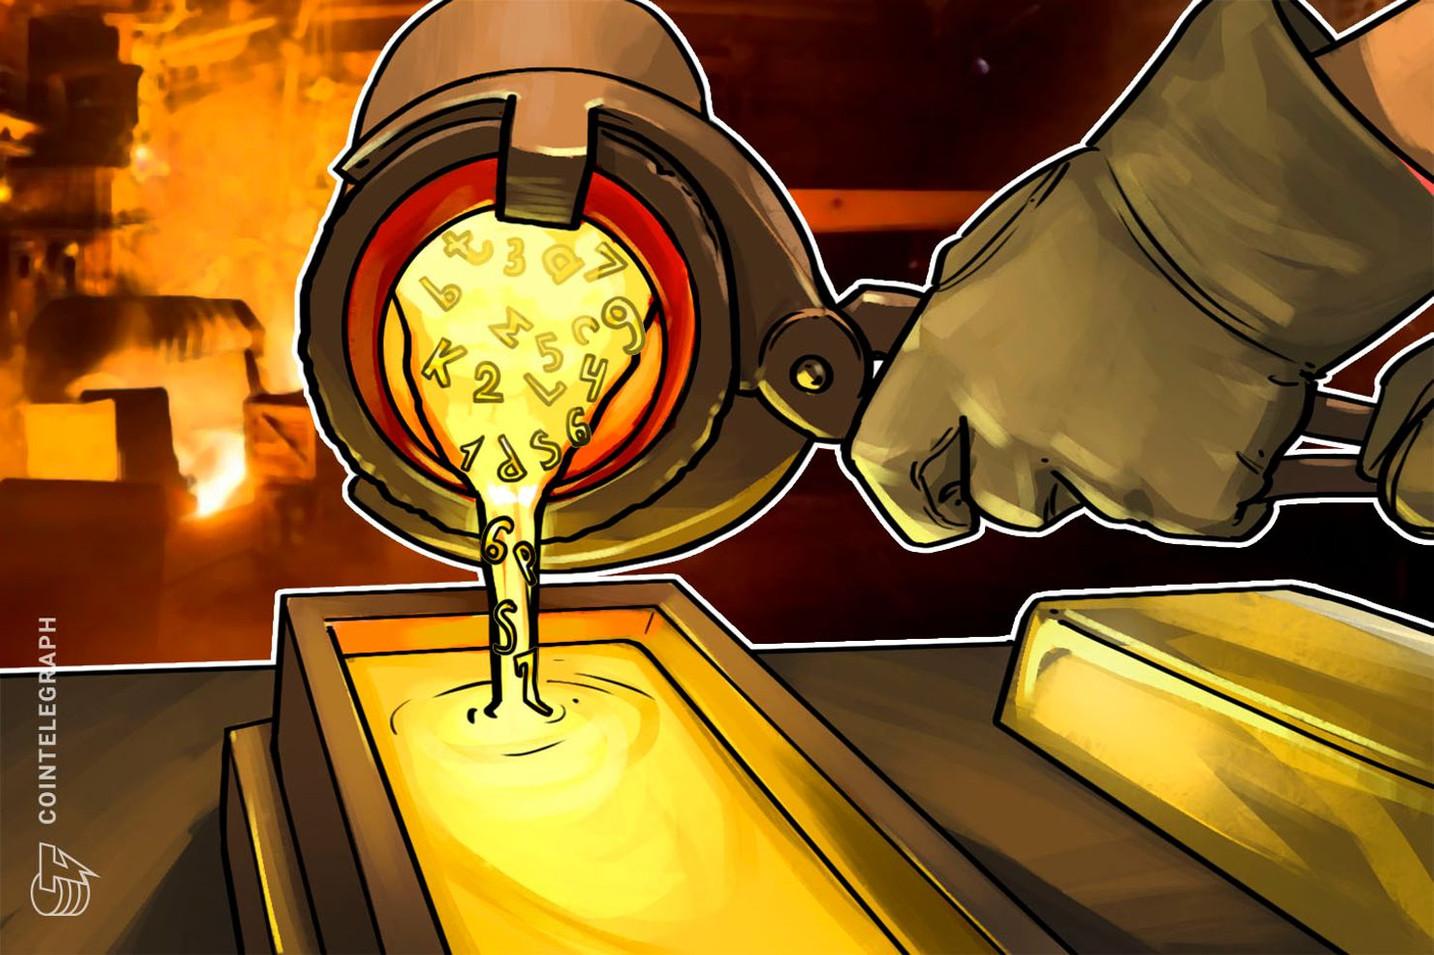 「富の蓄積で次にベストな手段は?」米カリスマ投資家レイ・ダリオ、投資家に思考を促す 仮想通貨ビットコインの可能性は…